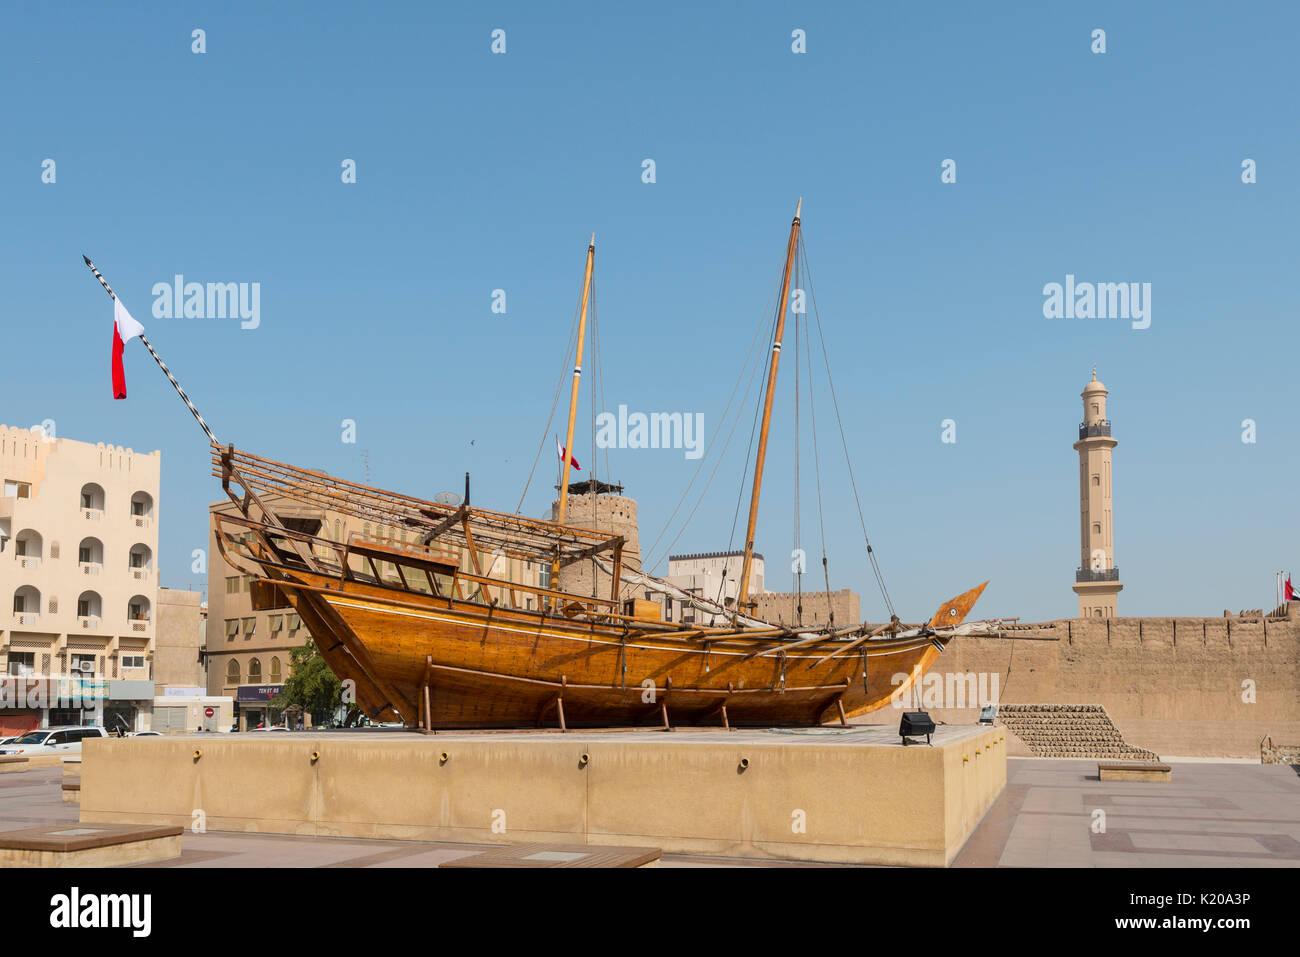 Old Dhau, ship at Dubai Museum, Dubai, United Arab Emirates Stock Photo